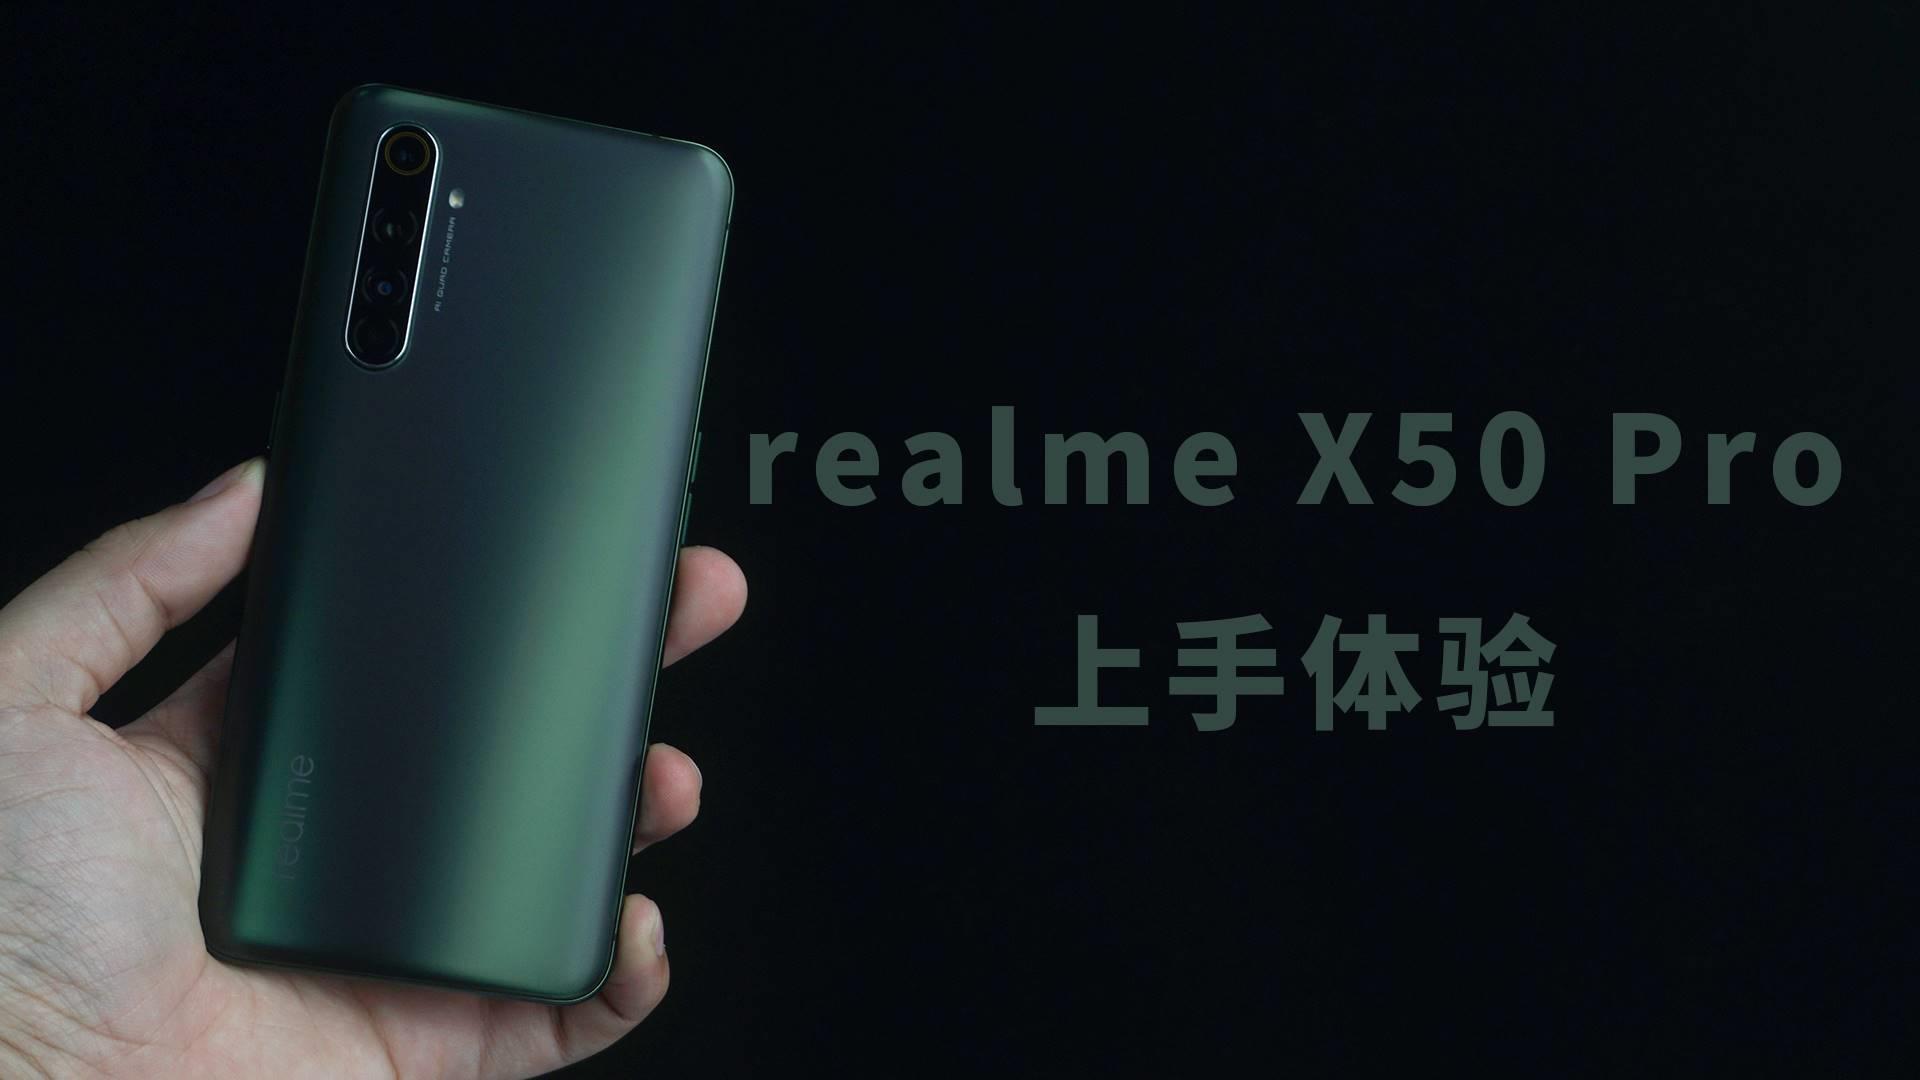 realme X50 Pro上手体验:单手握持舒适/拍照效果出色